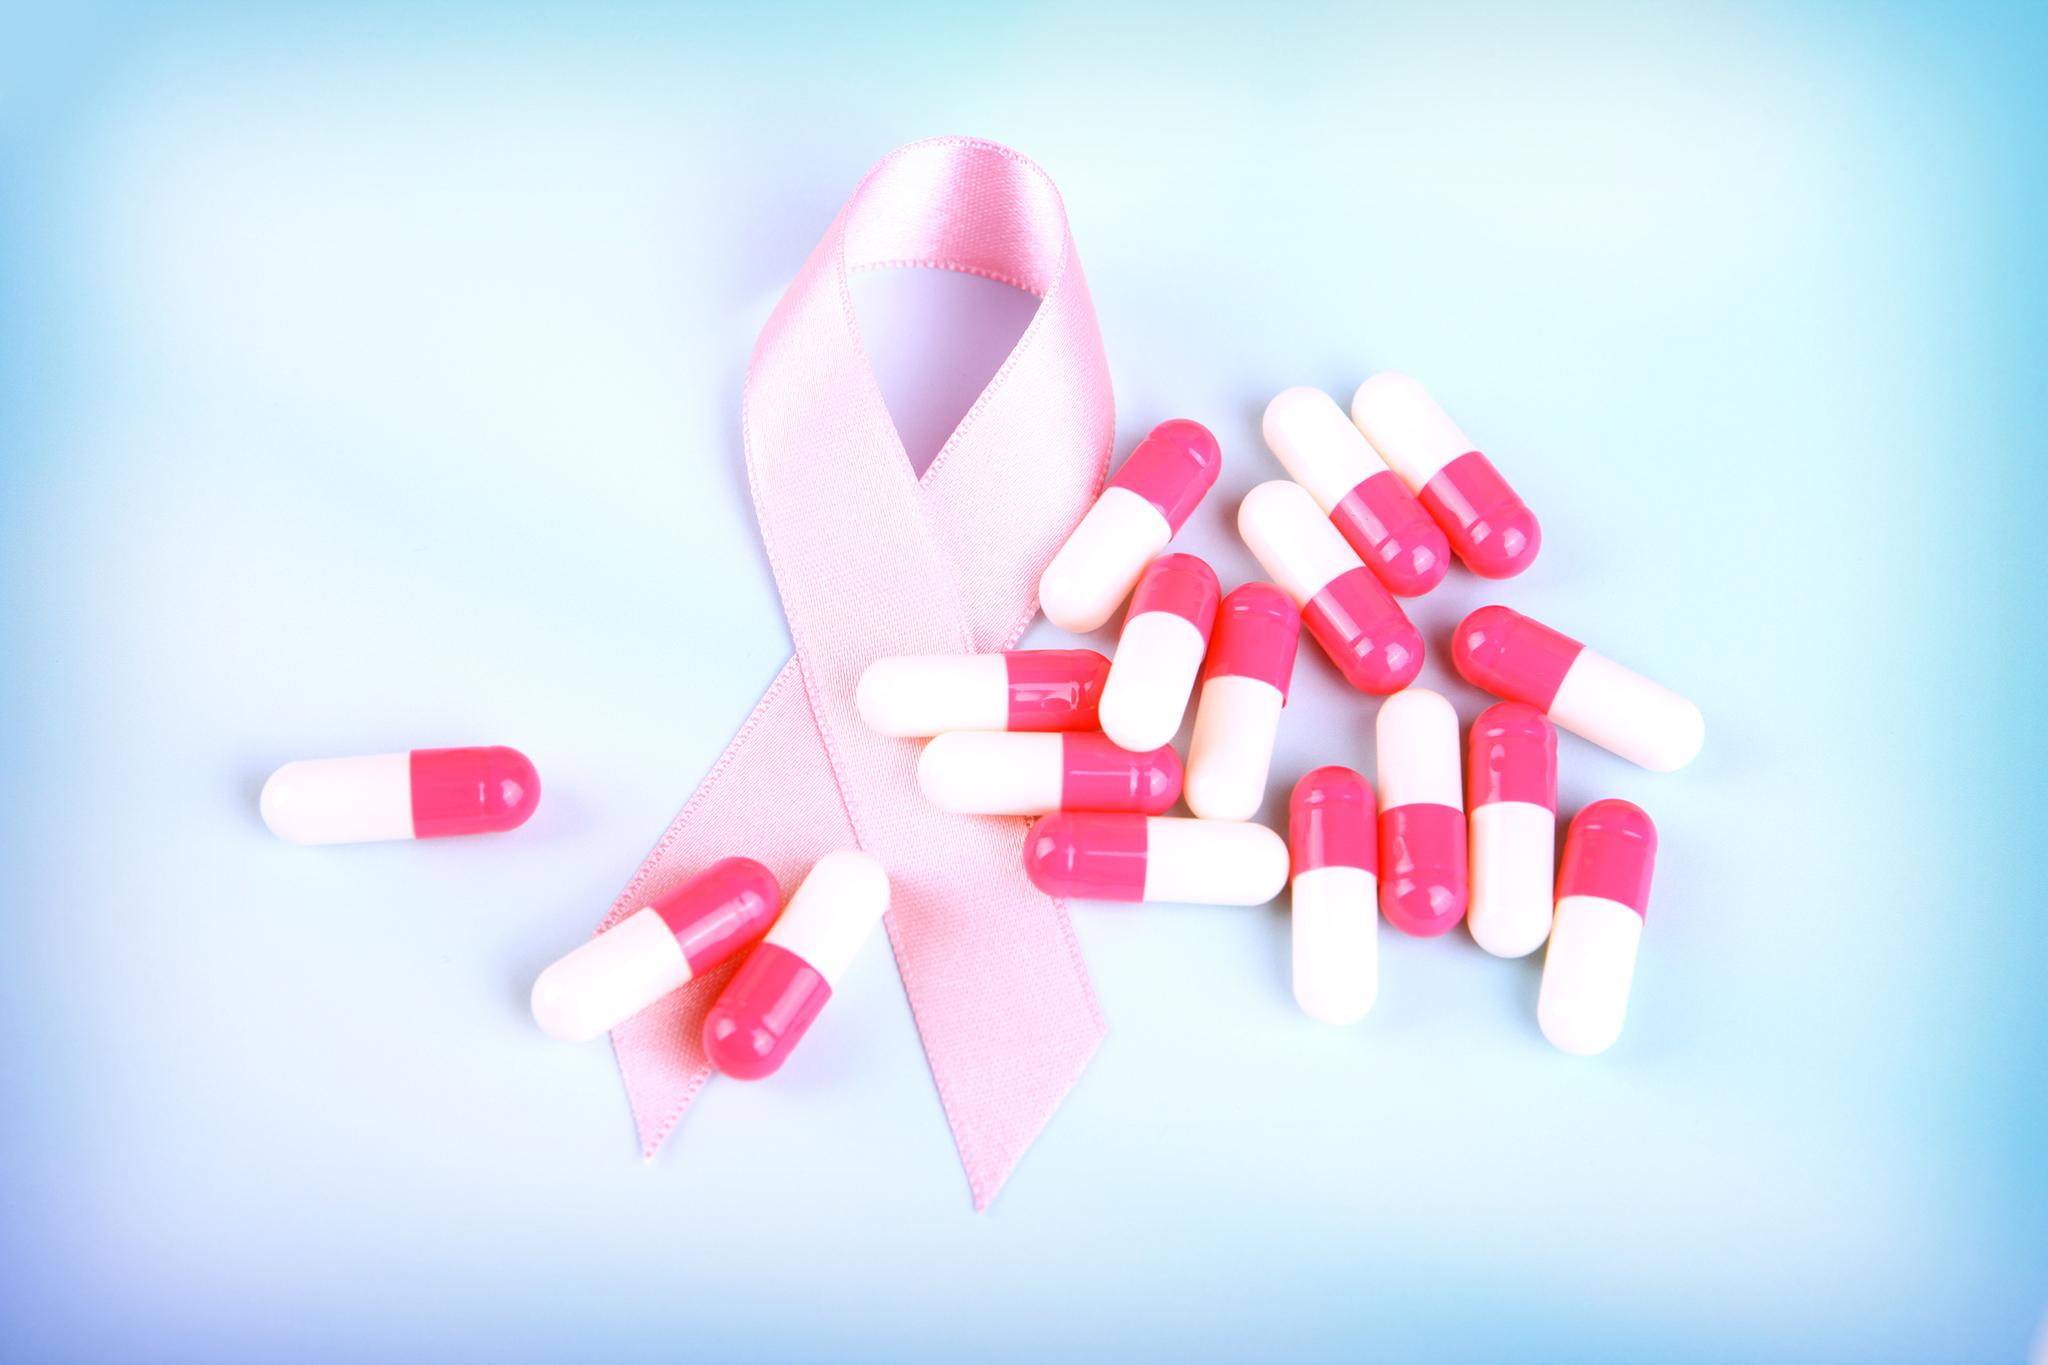 traitements cancer et effets secondaires